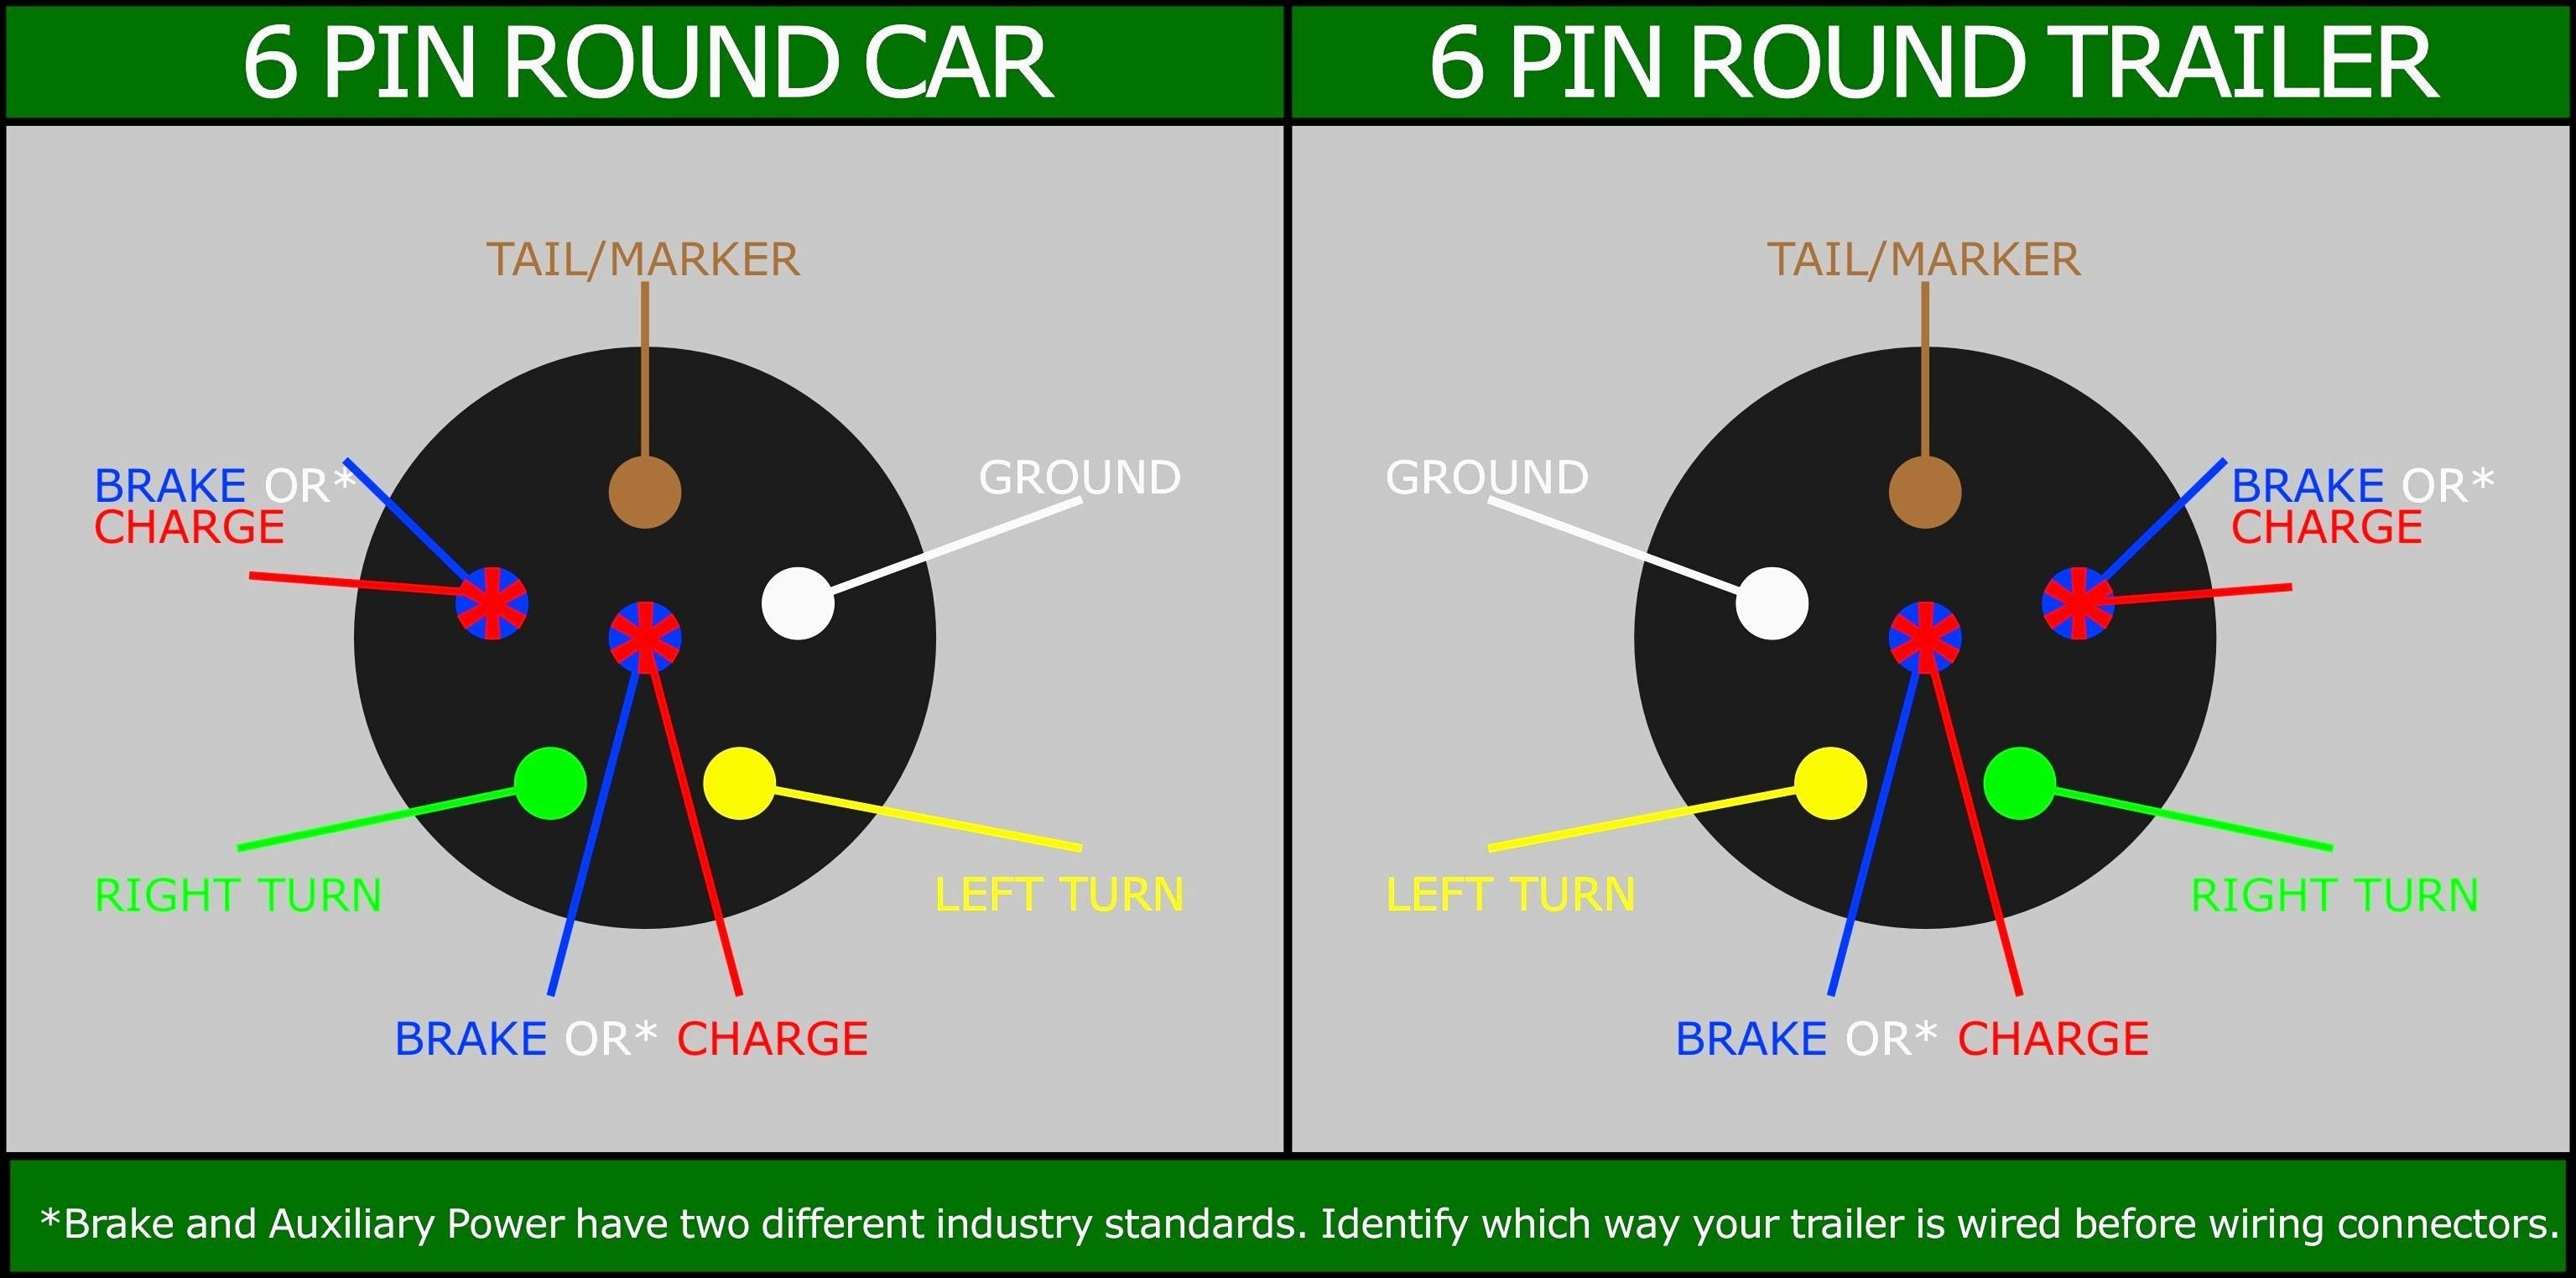 Trailer Wiring Diagram 4 Pin Round - DIY Wiring Diagrams •